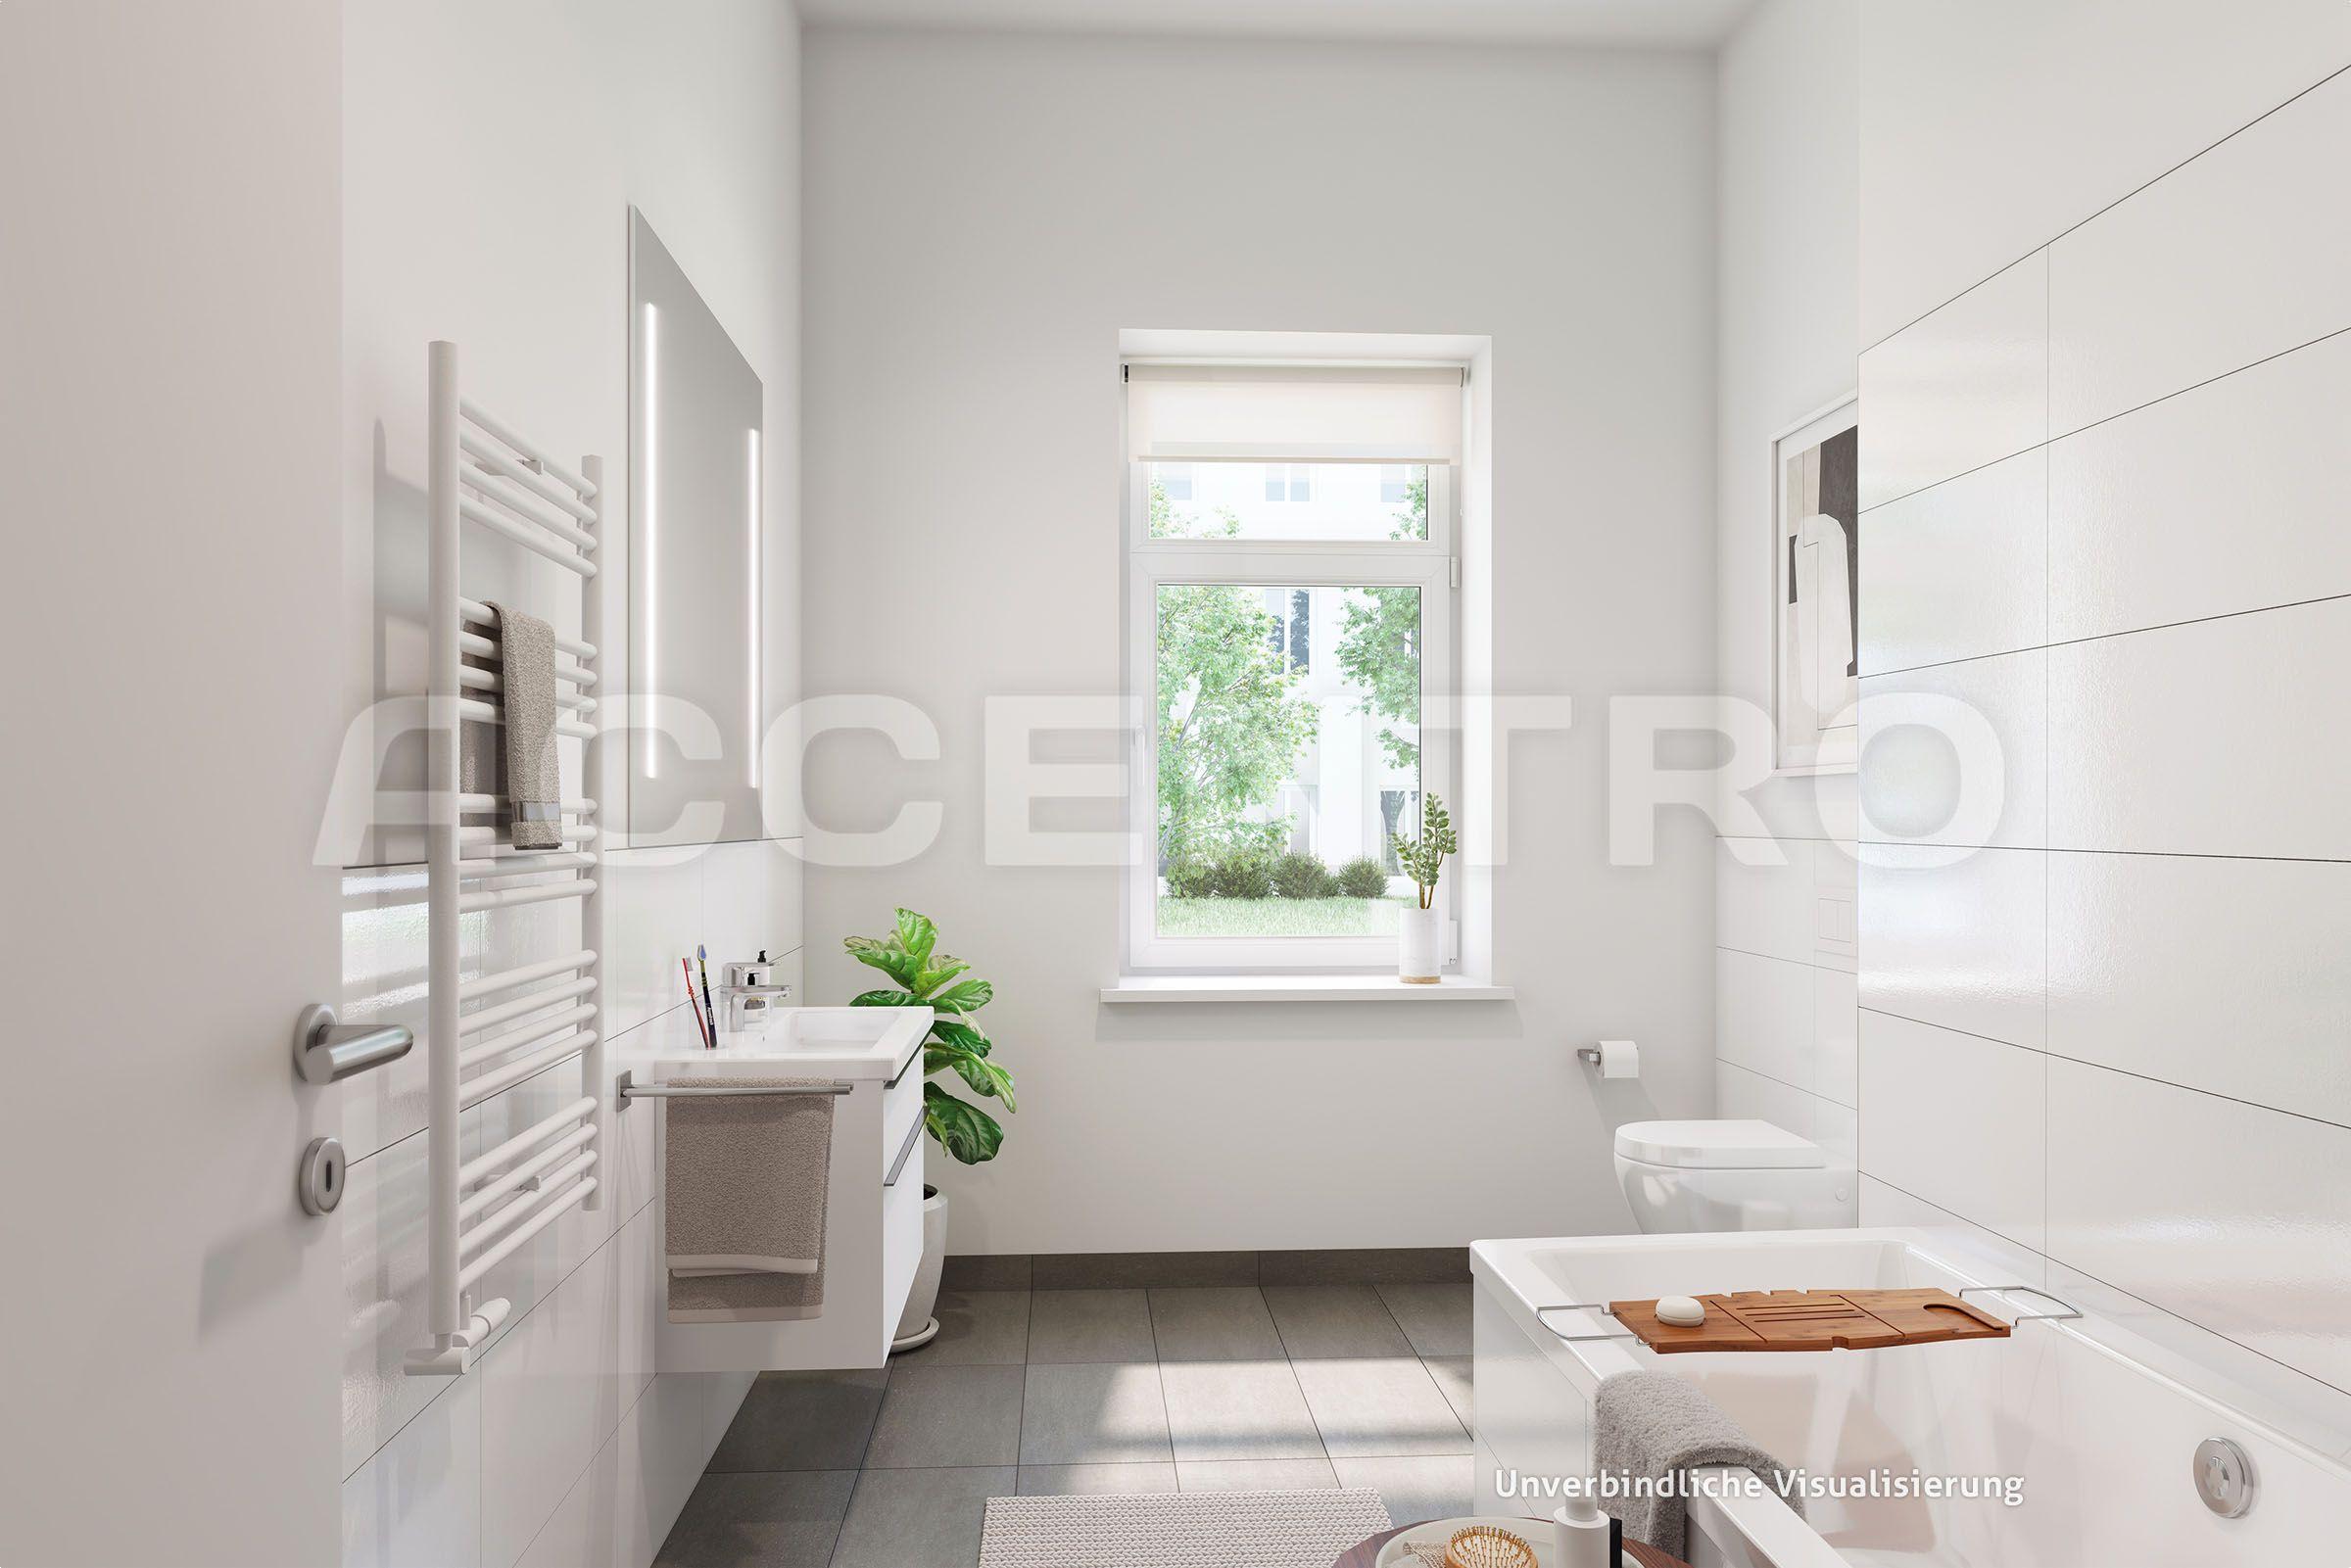 Eigentumswohnung In Berlin Moabit Erasmusstrasse 1 Erasmushofe Mehr Auf Www Wohnung Kaufen Moabit De Eigentumswohn In 2020 Wohnung Wohnung Kaufen Immobilien Kaufen